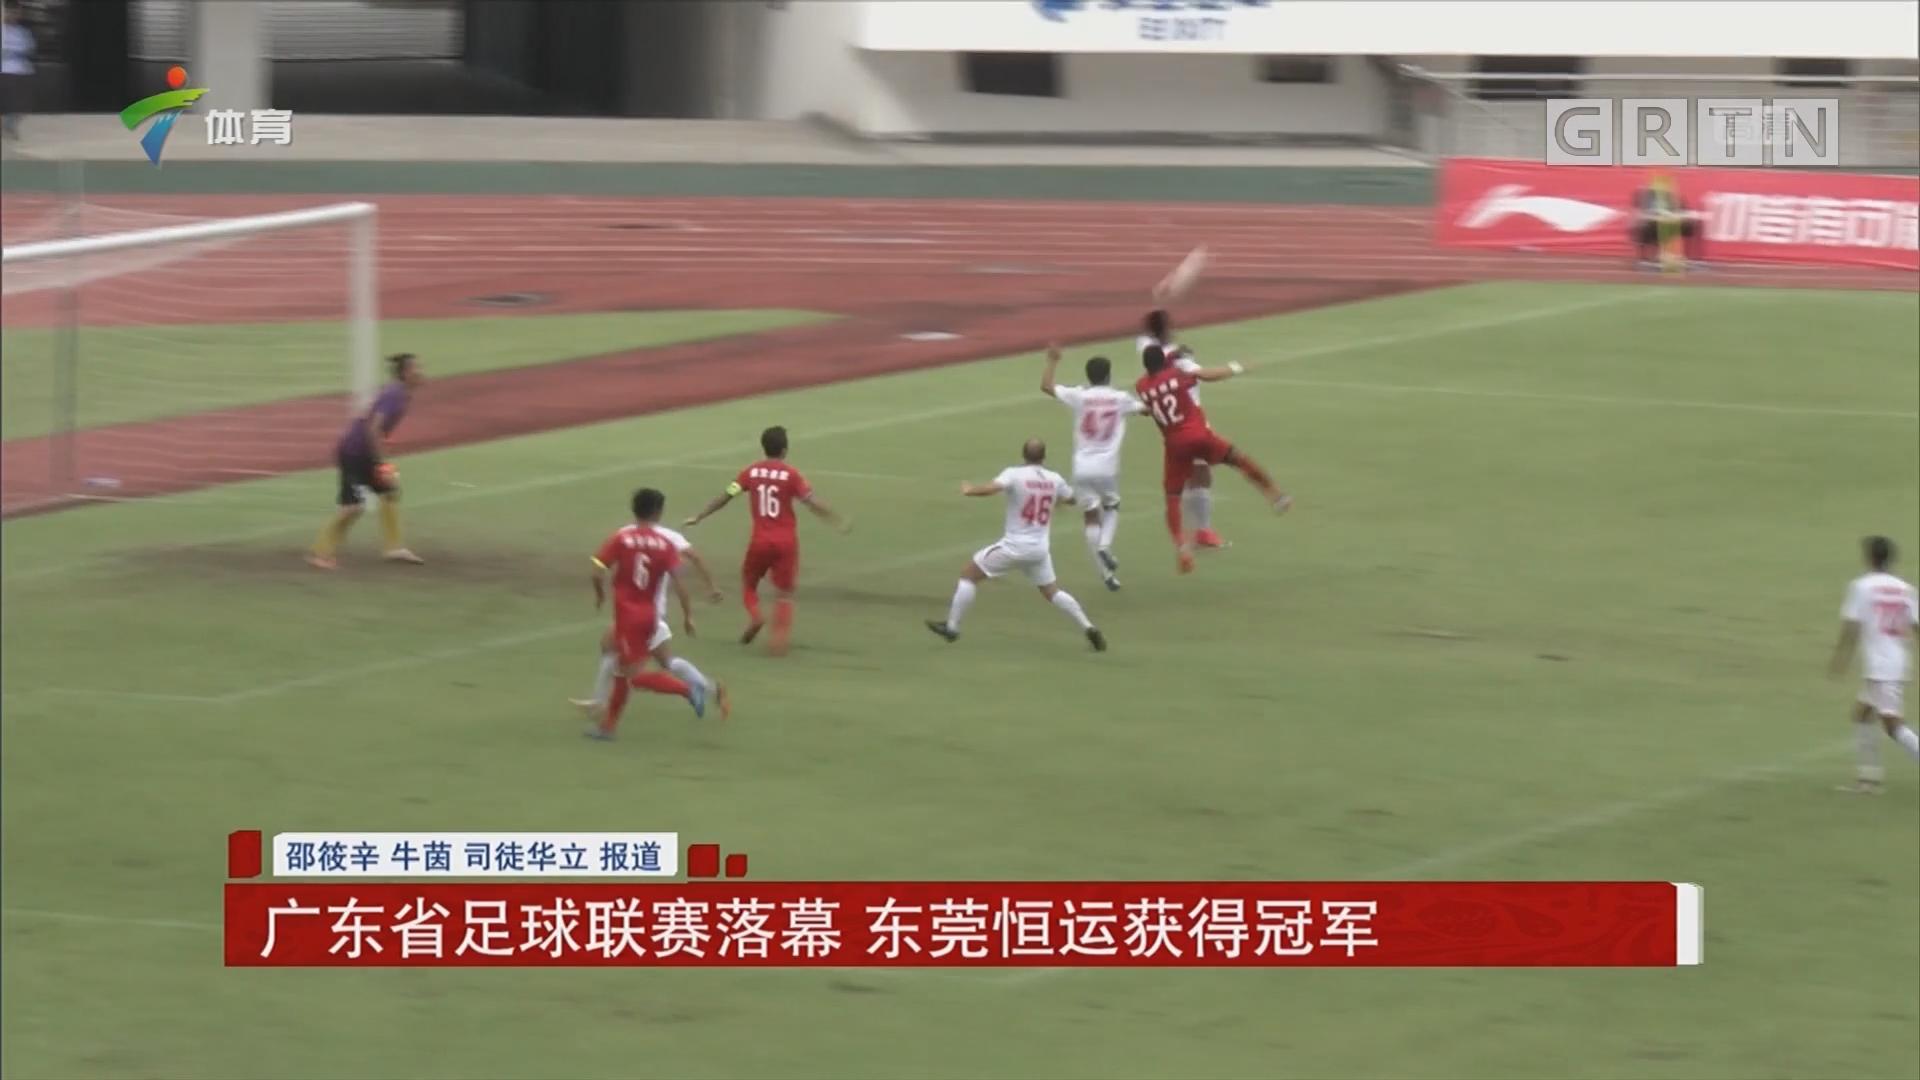 广东省足球联赛落幕 东莞恒运获得冠军